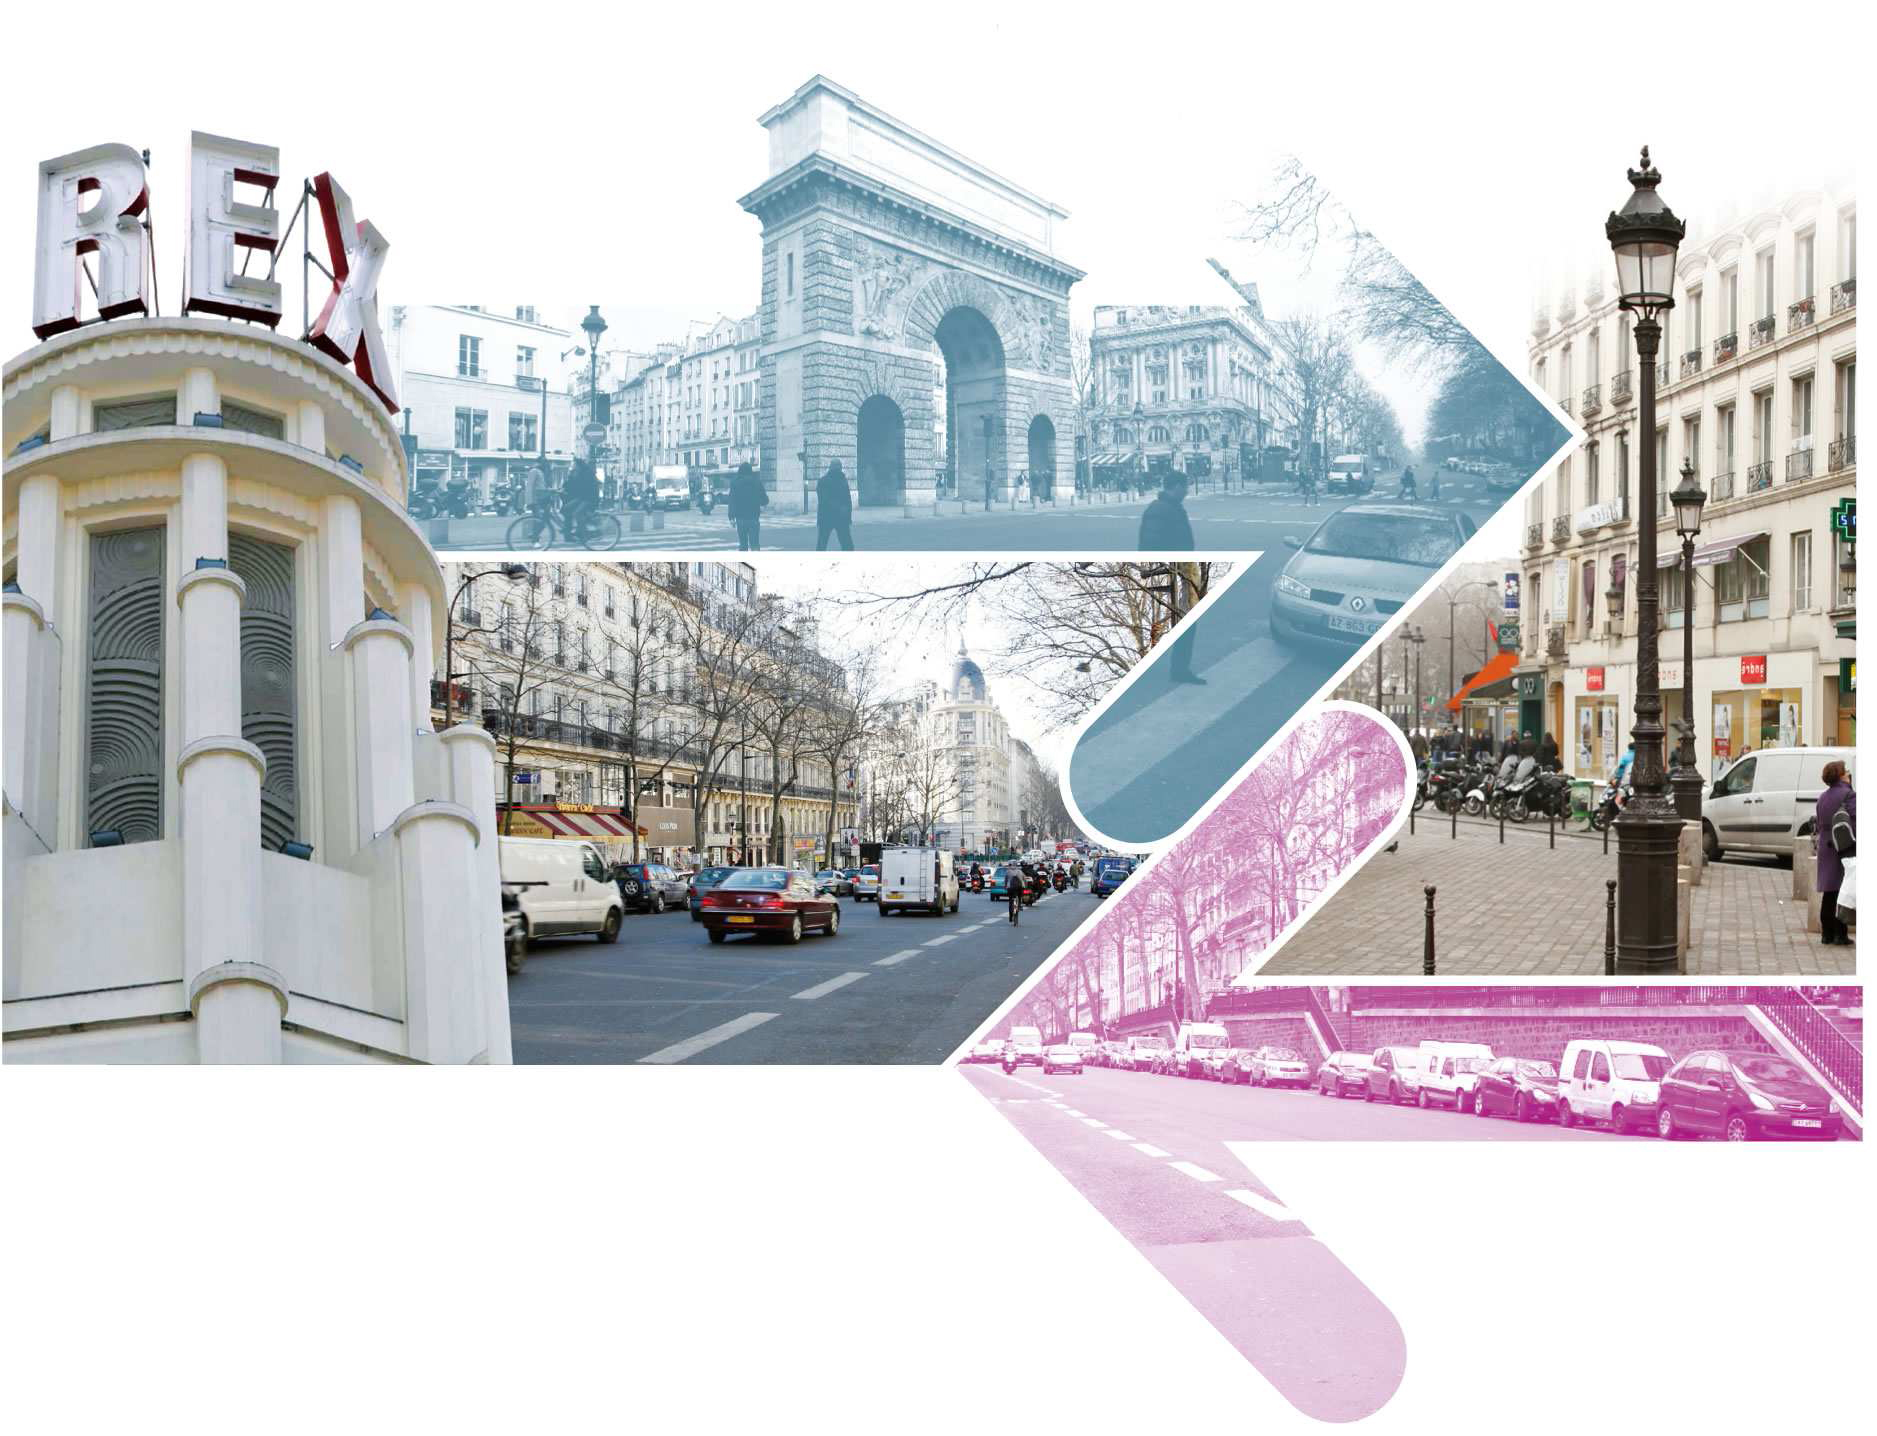 Les Grands Boulevards en double Sens _ Le Rex